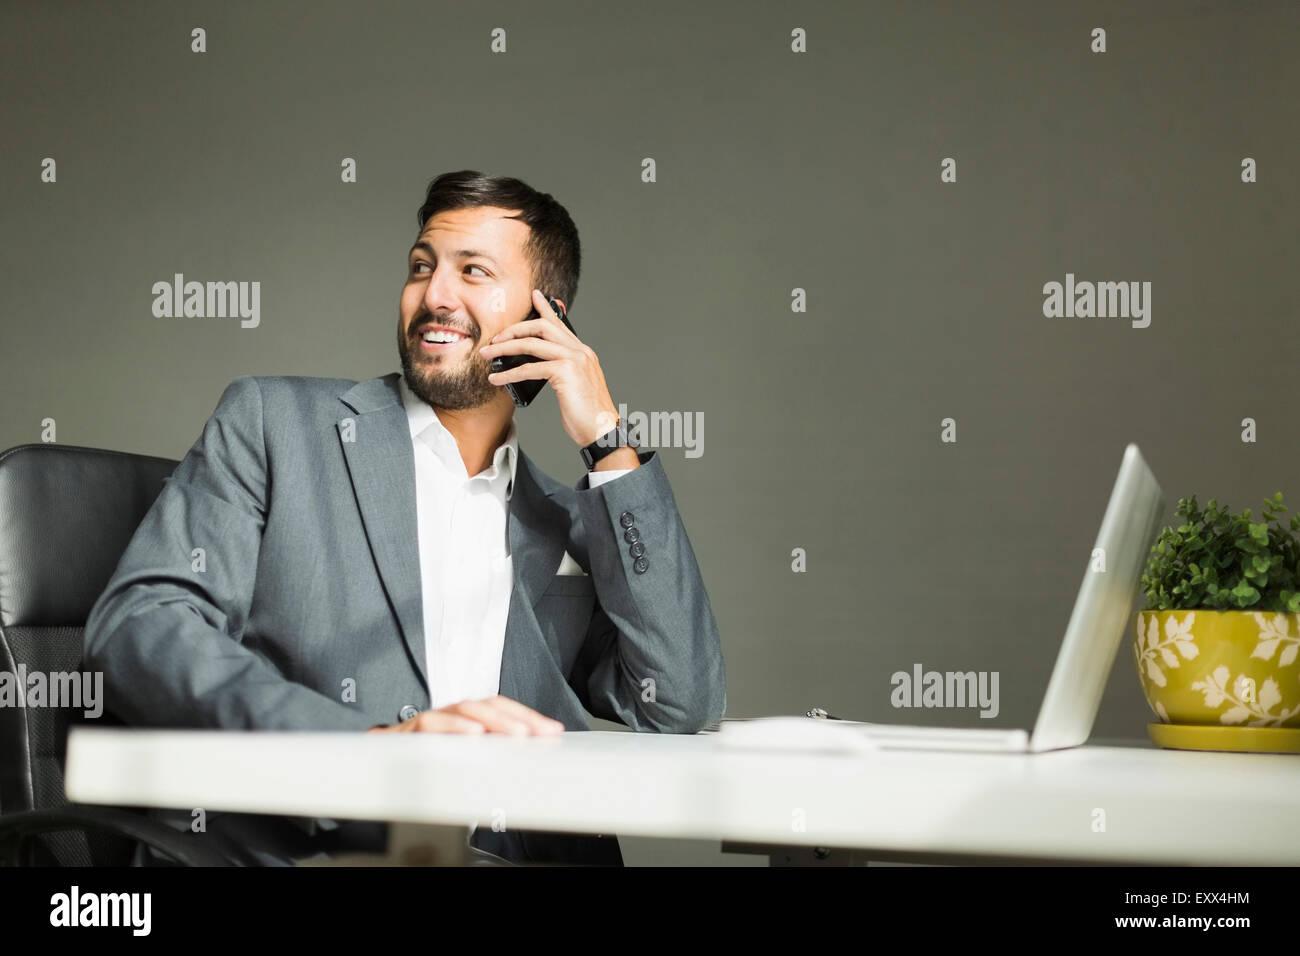 Junger Mann am Schreibtisch sitzen und telefonieren Stockbild